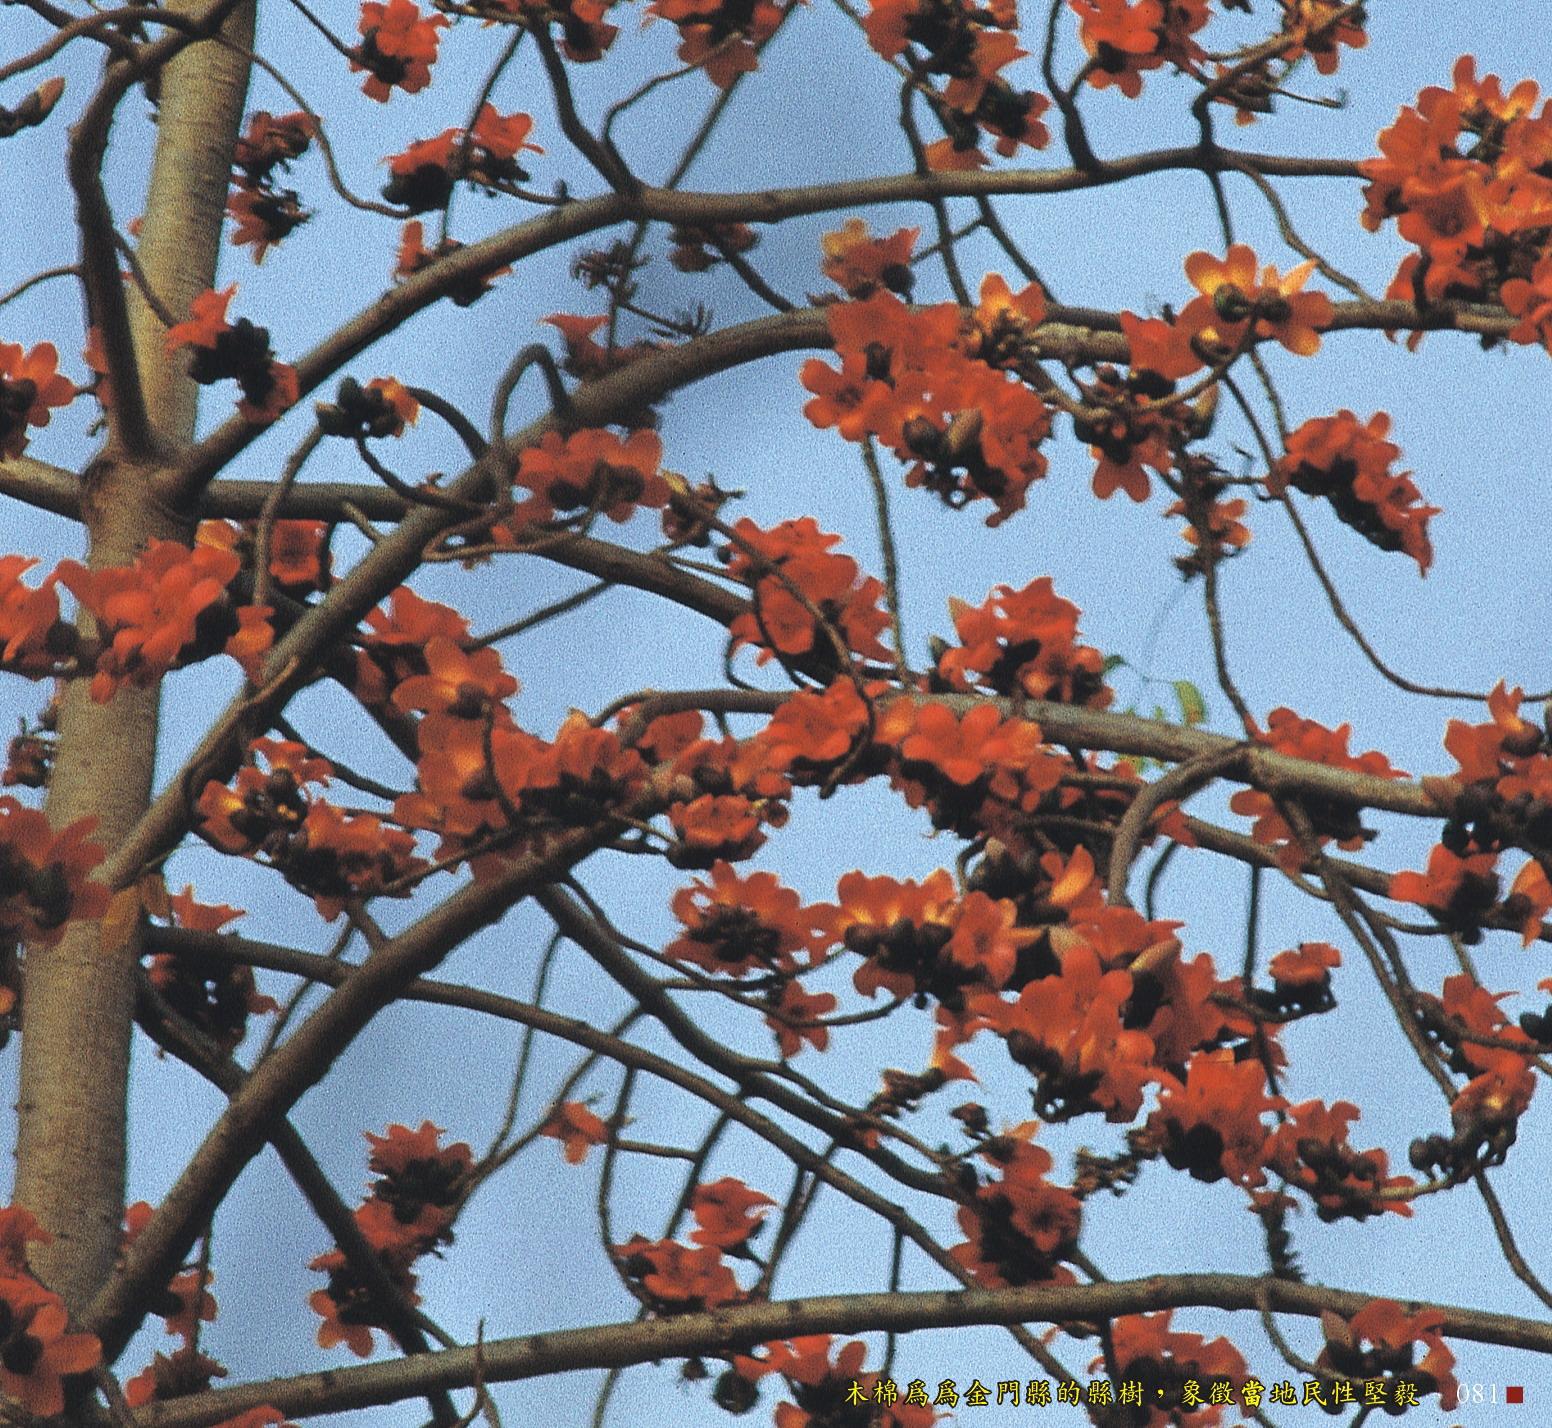 木棉為金門縣的縣樹,象徵當地民性堅毅